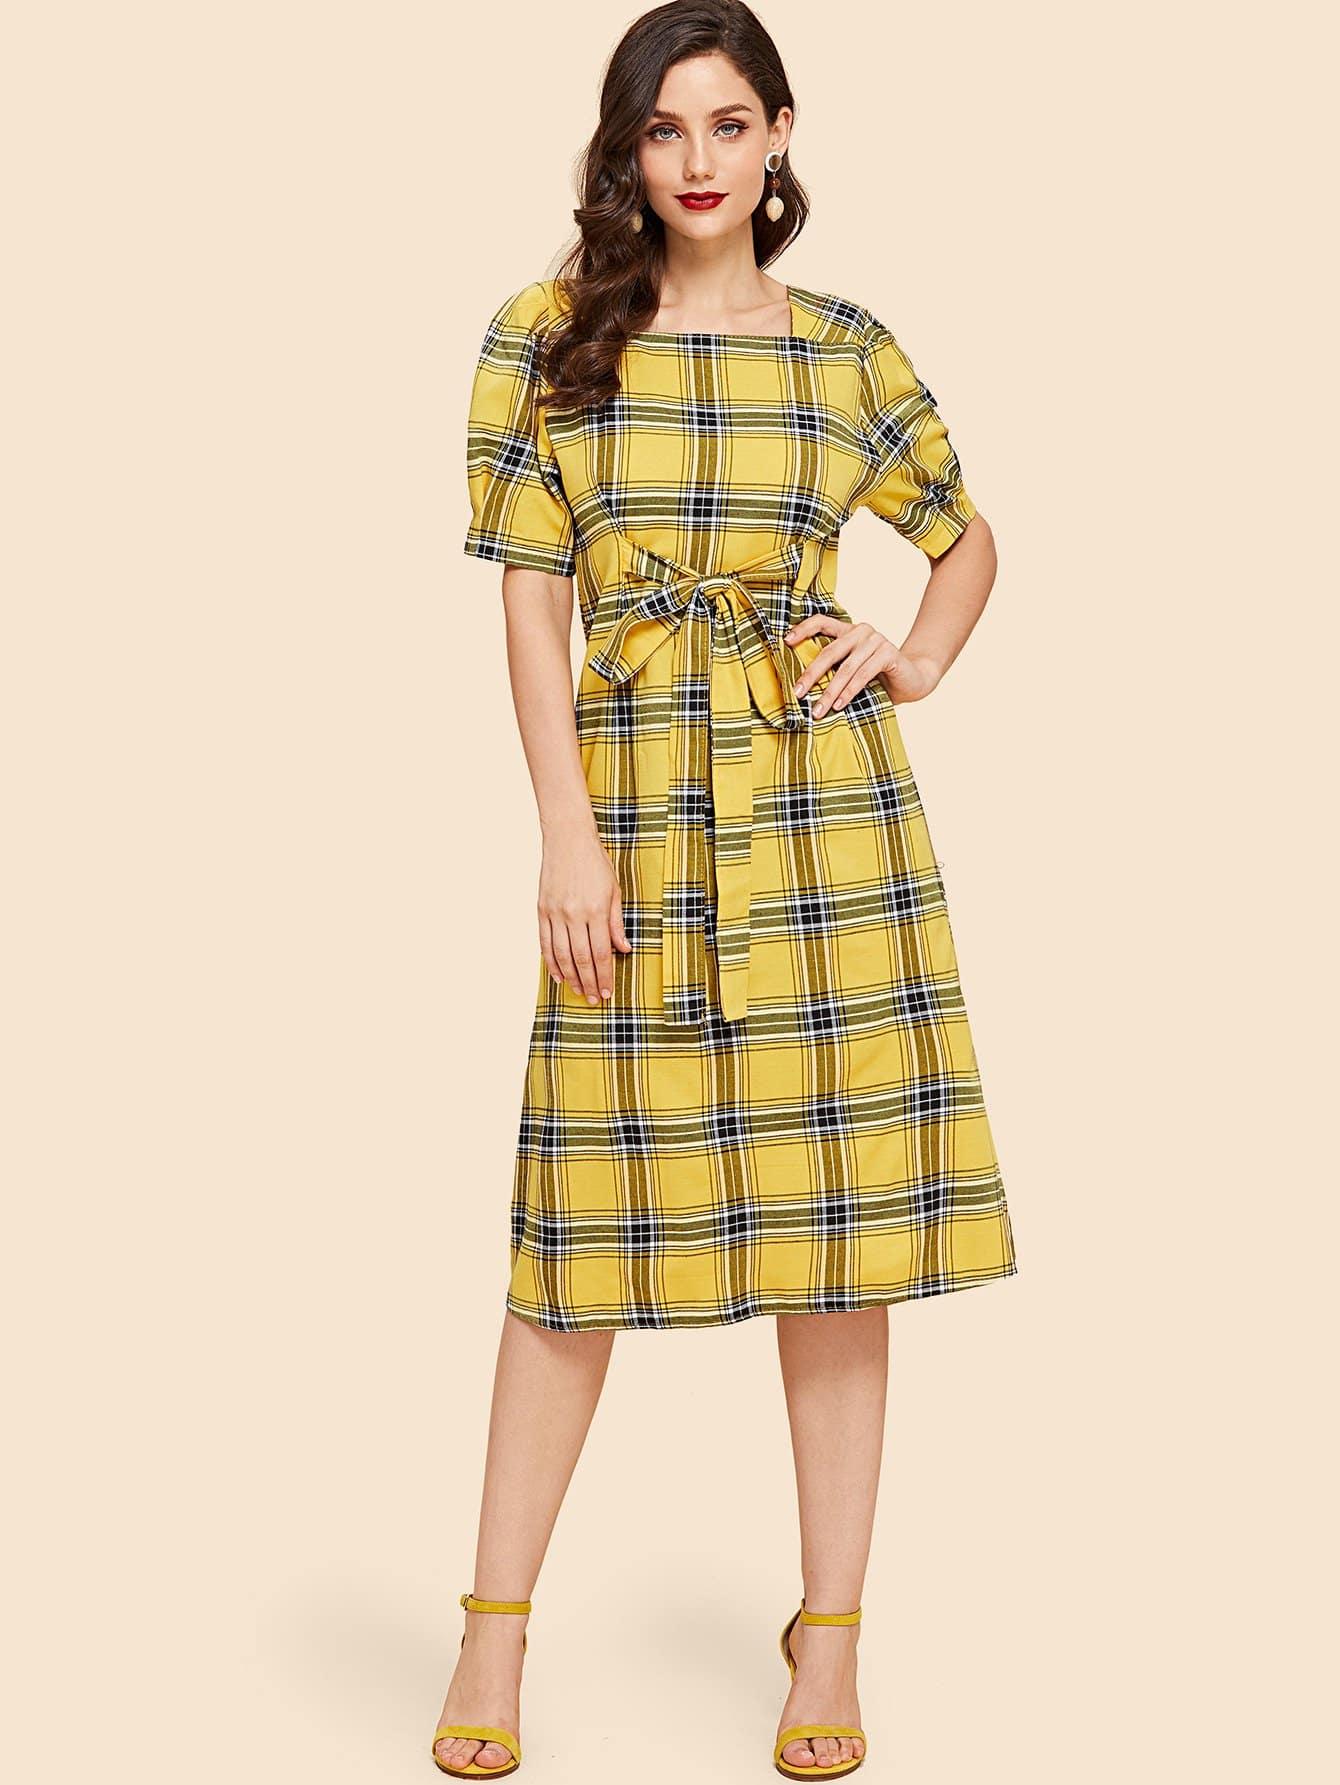 Tartan Plaid Tie Waist Dress